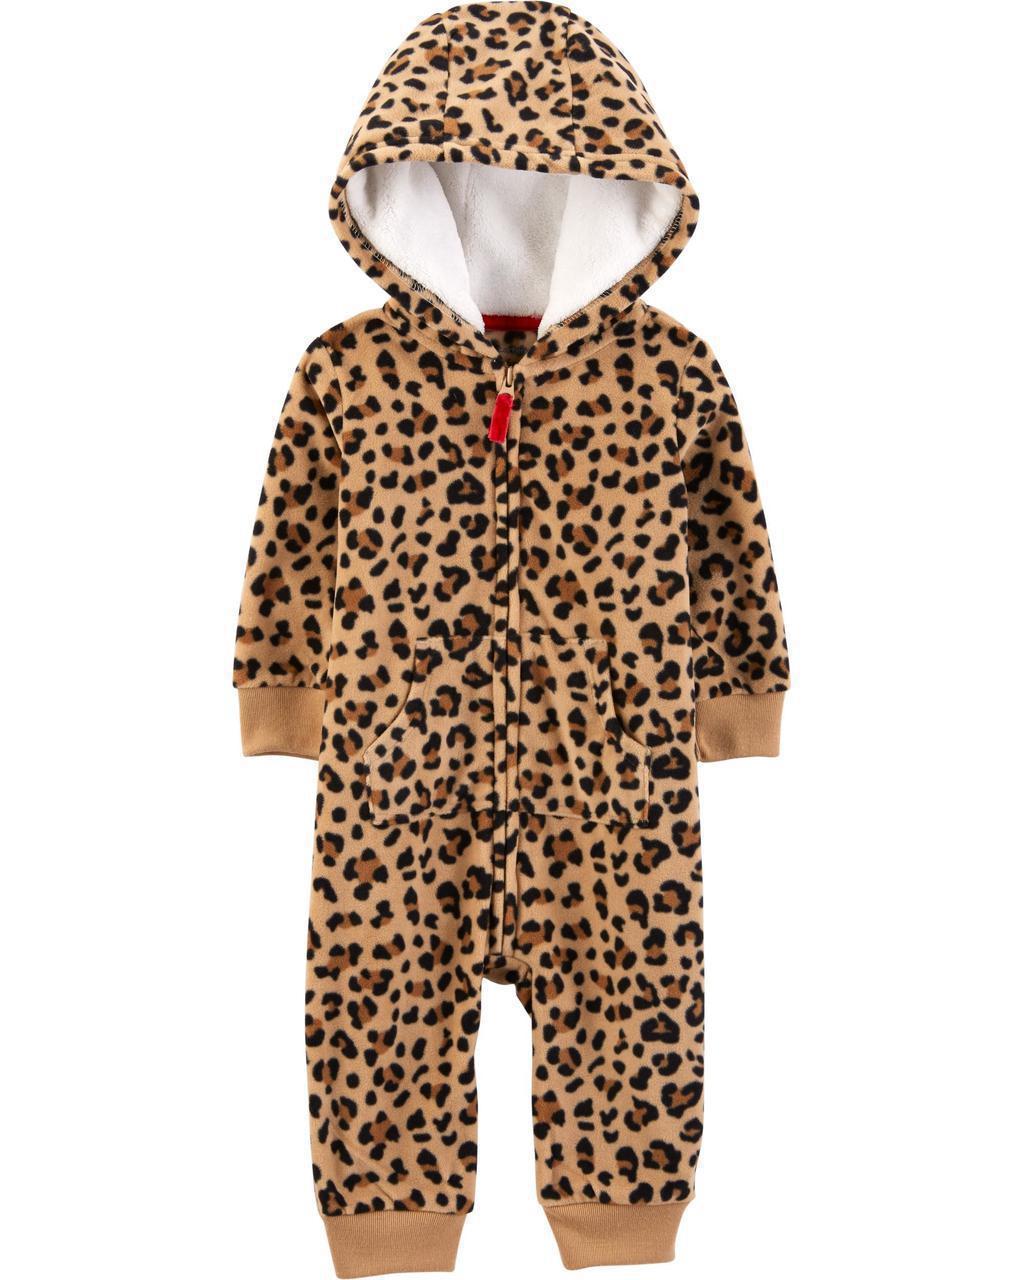 Комбинезон флисовый с капюшоном Carters для новорожденной девочки 46-55 см